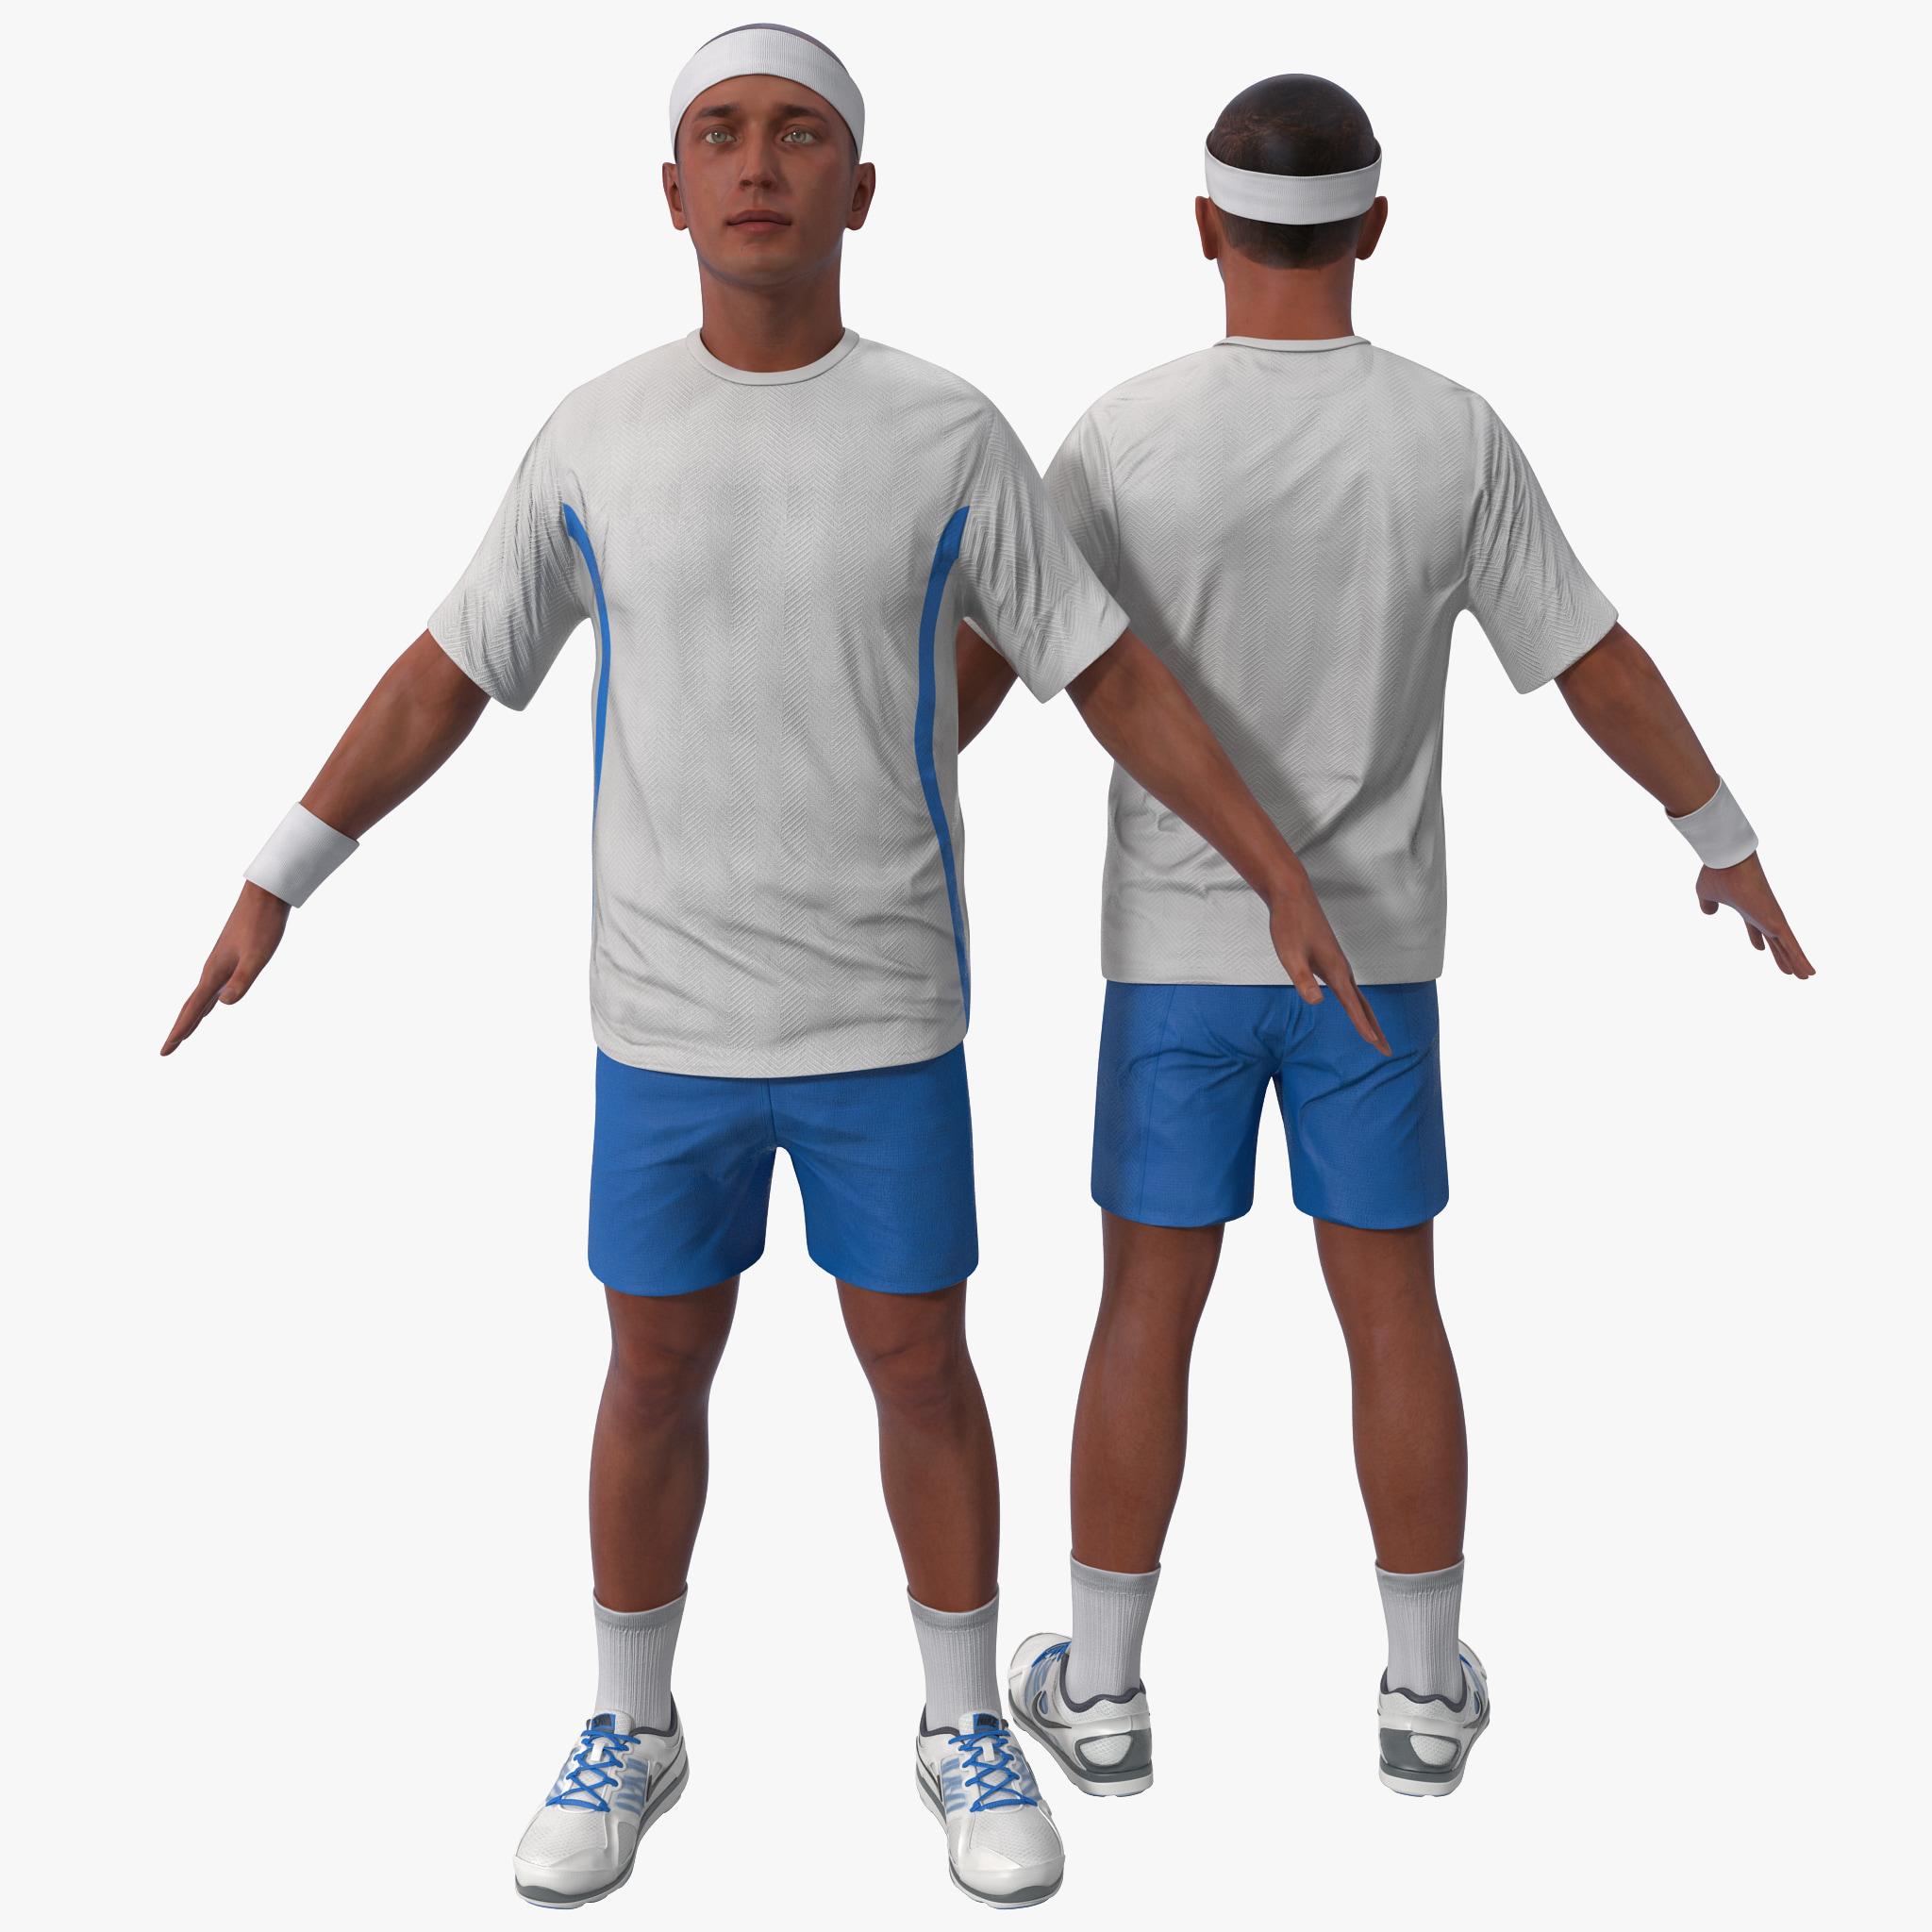 3d model tennis player 3